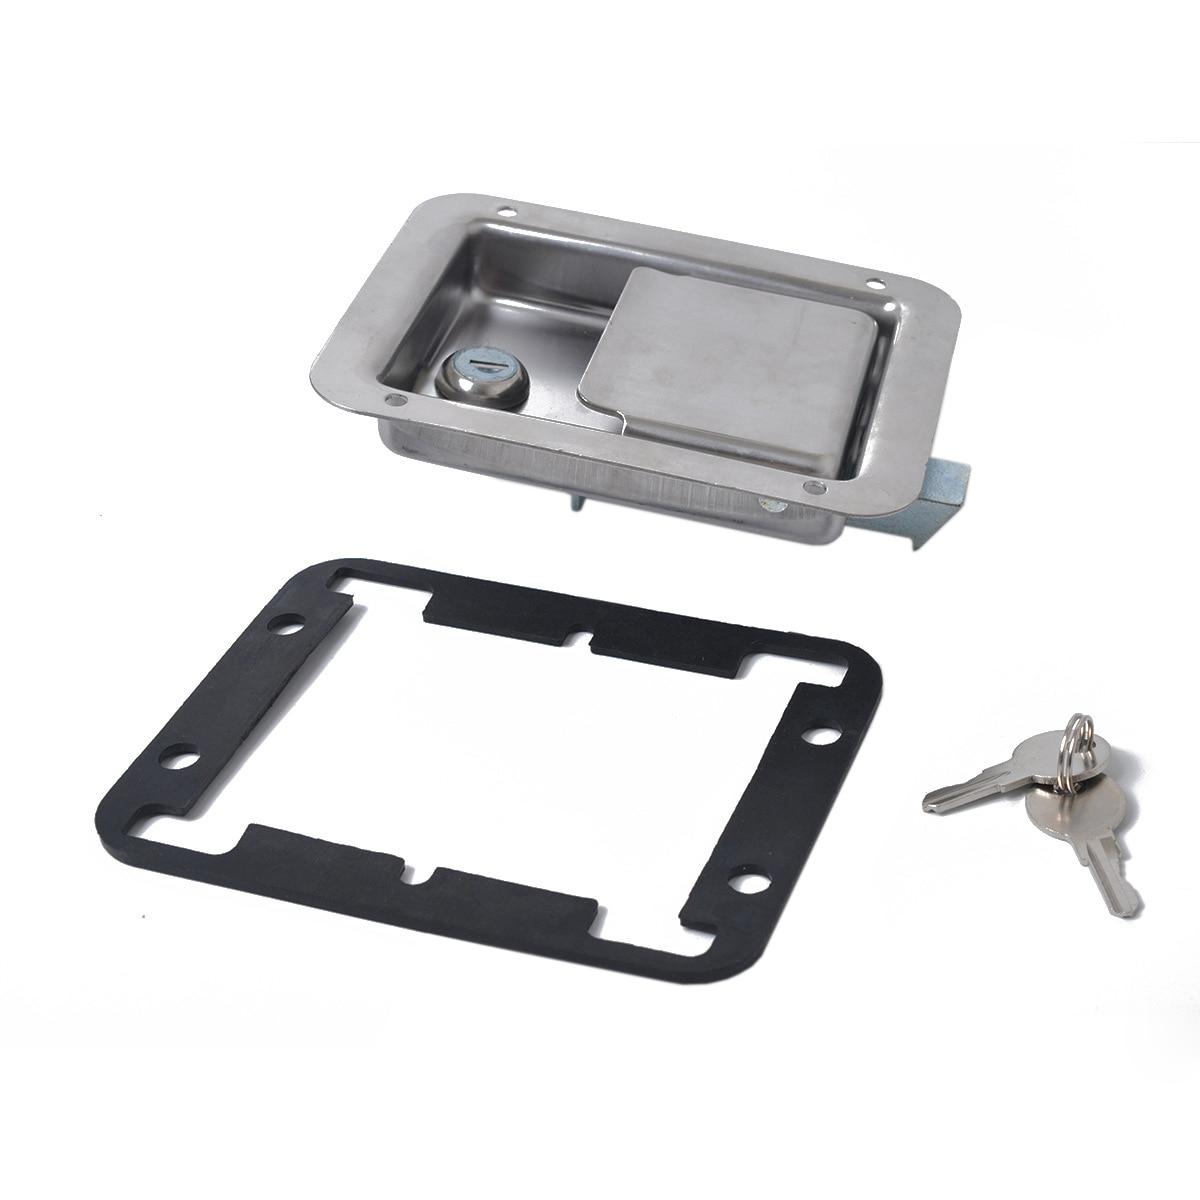 自動ハードウェア 2 パックステンレス鋼パドルスラムラッチロック & キーフラッシュシングルポイントハンドルドアトレーラー RV ジープ -